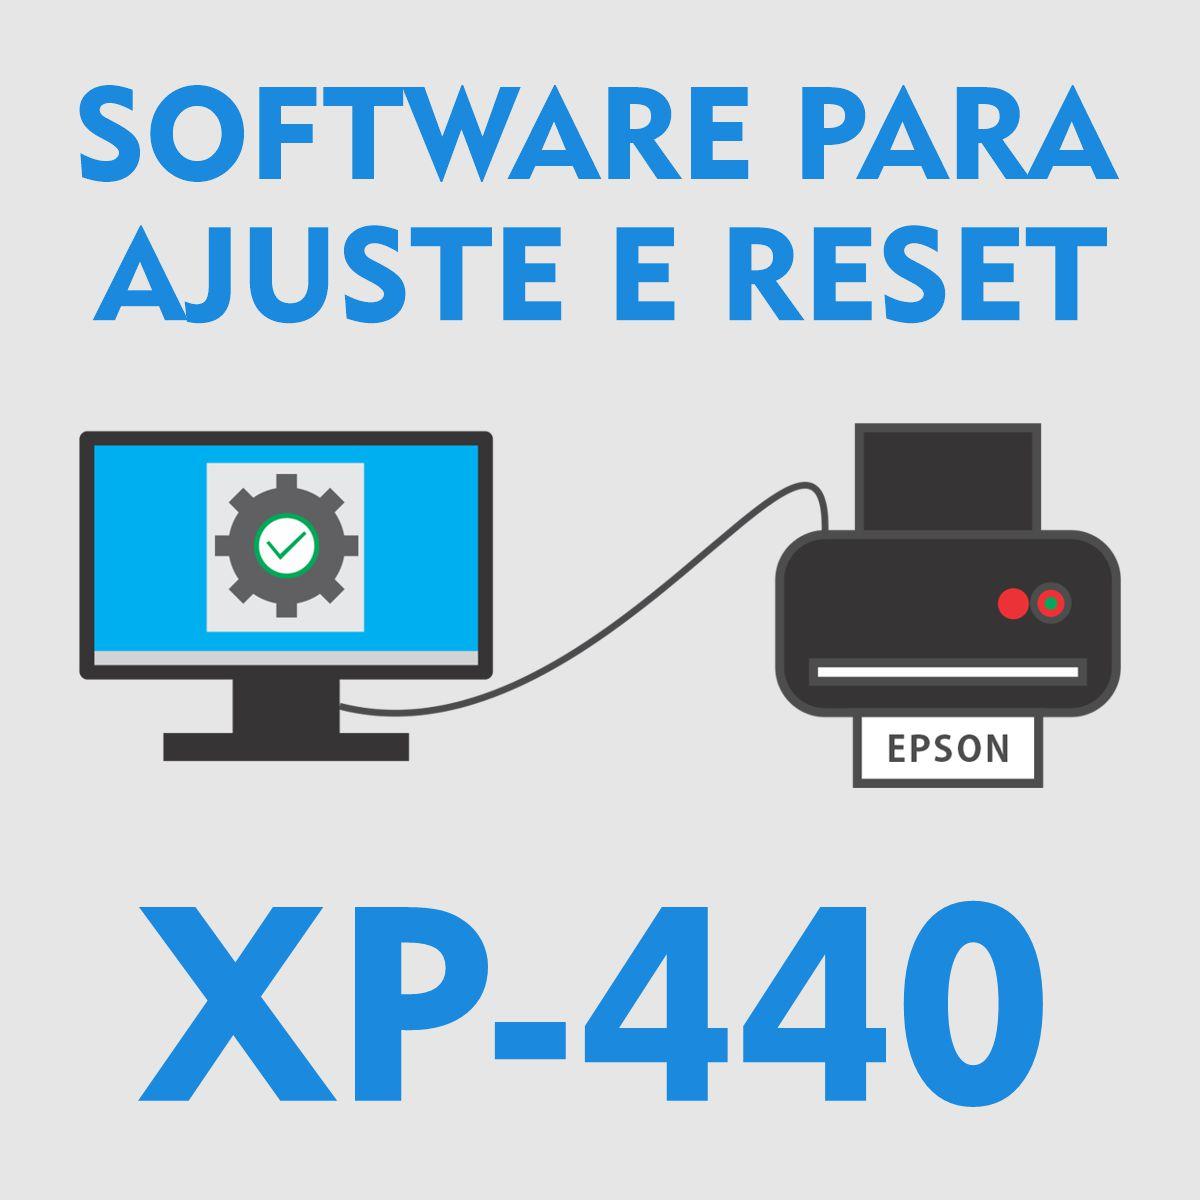 EPSON XP-440 | SOFTWARE PARA AJUSTES E RESET DAS ALMOFADAS